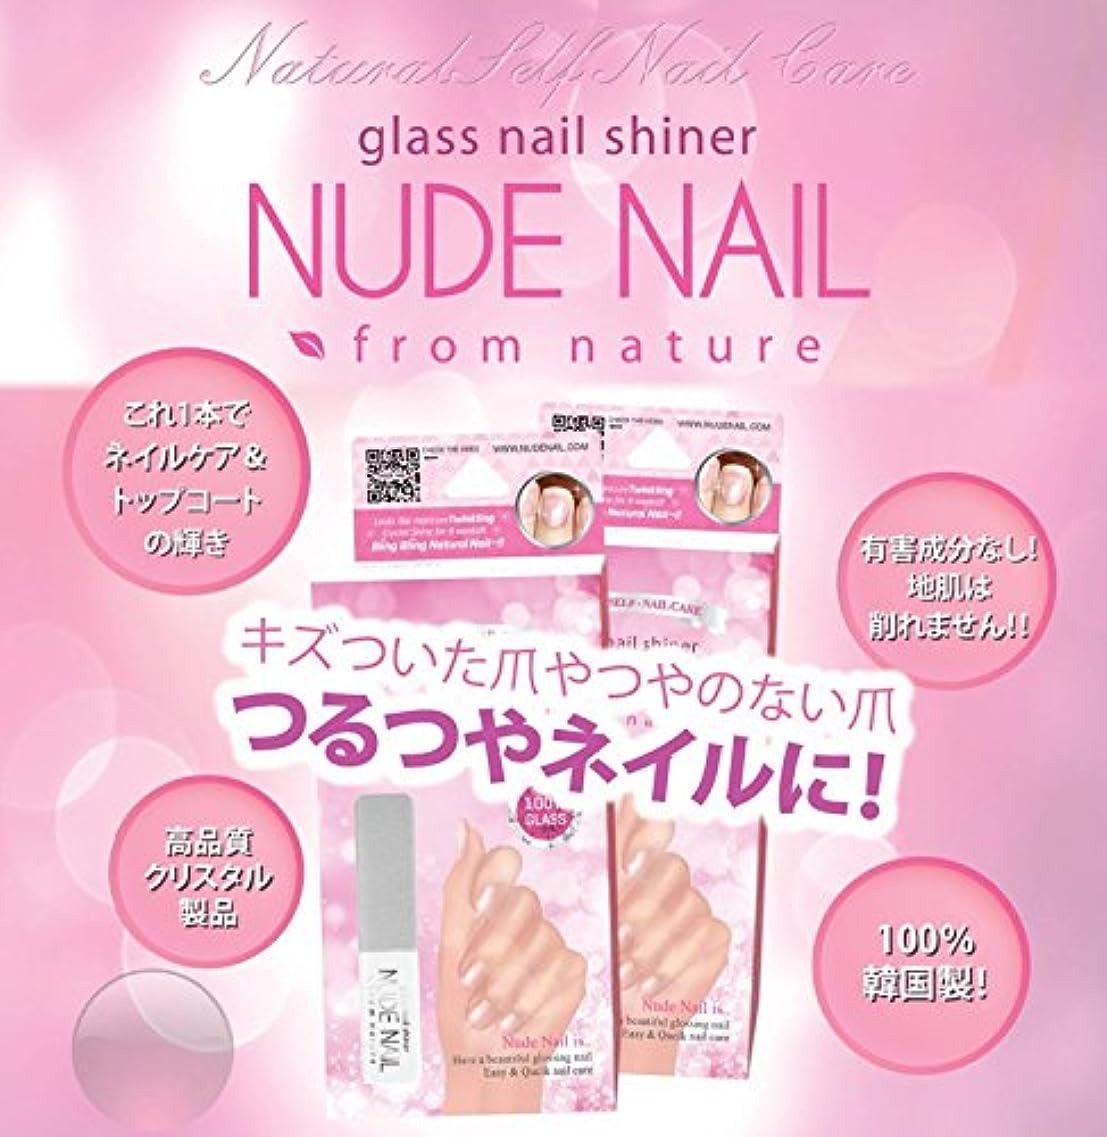 経営者高揚した進捗つるつやネイルに!ヌードネイル!NUDE NAIL!高品質クリスタル製品